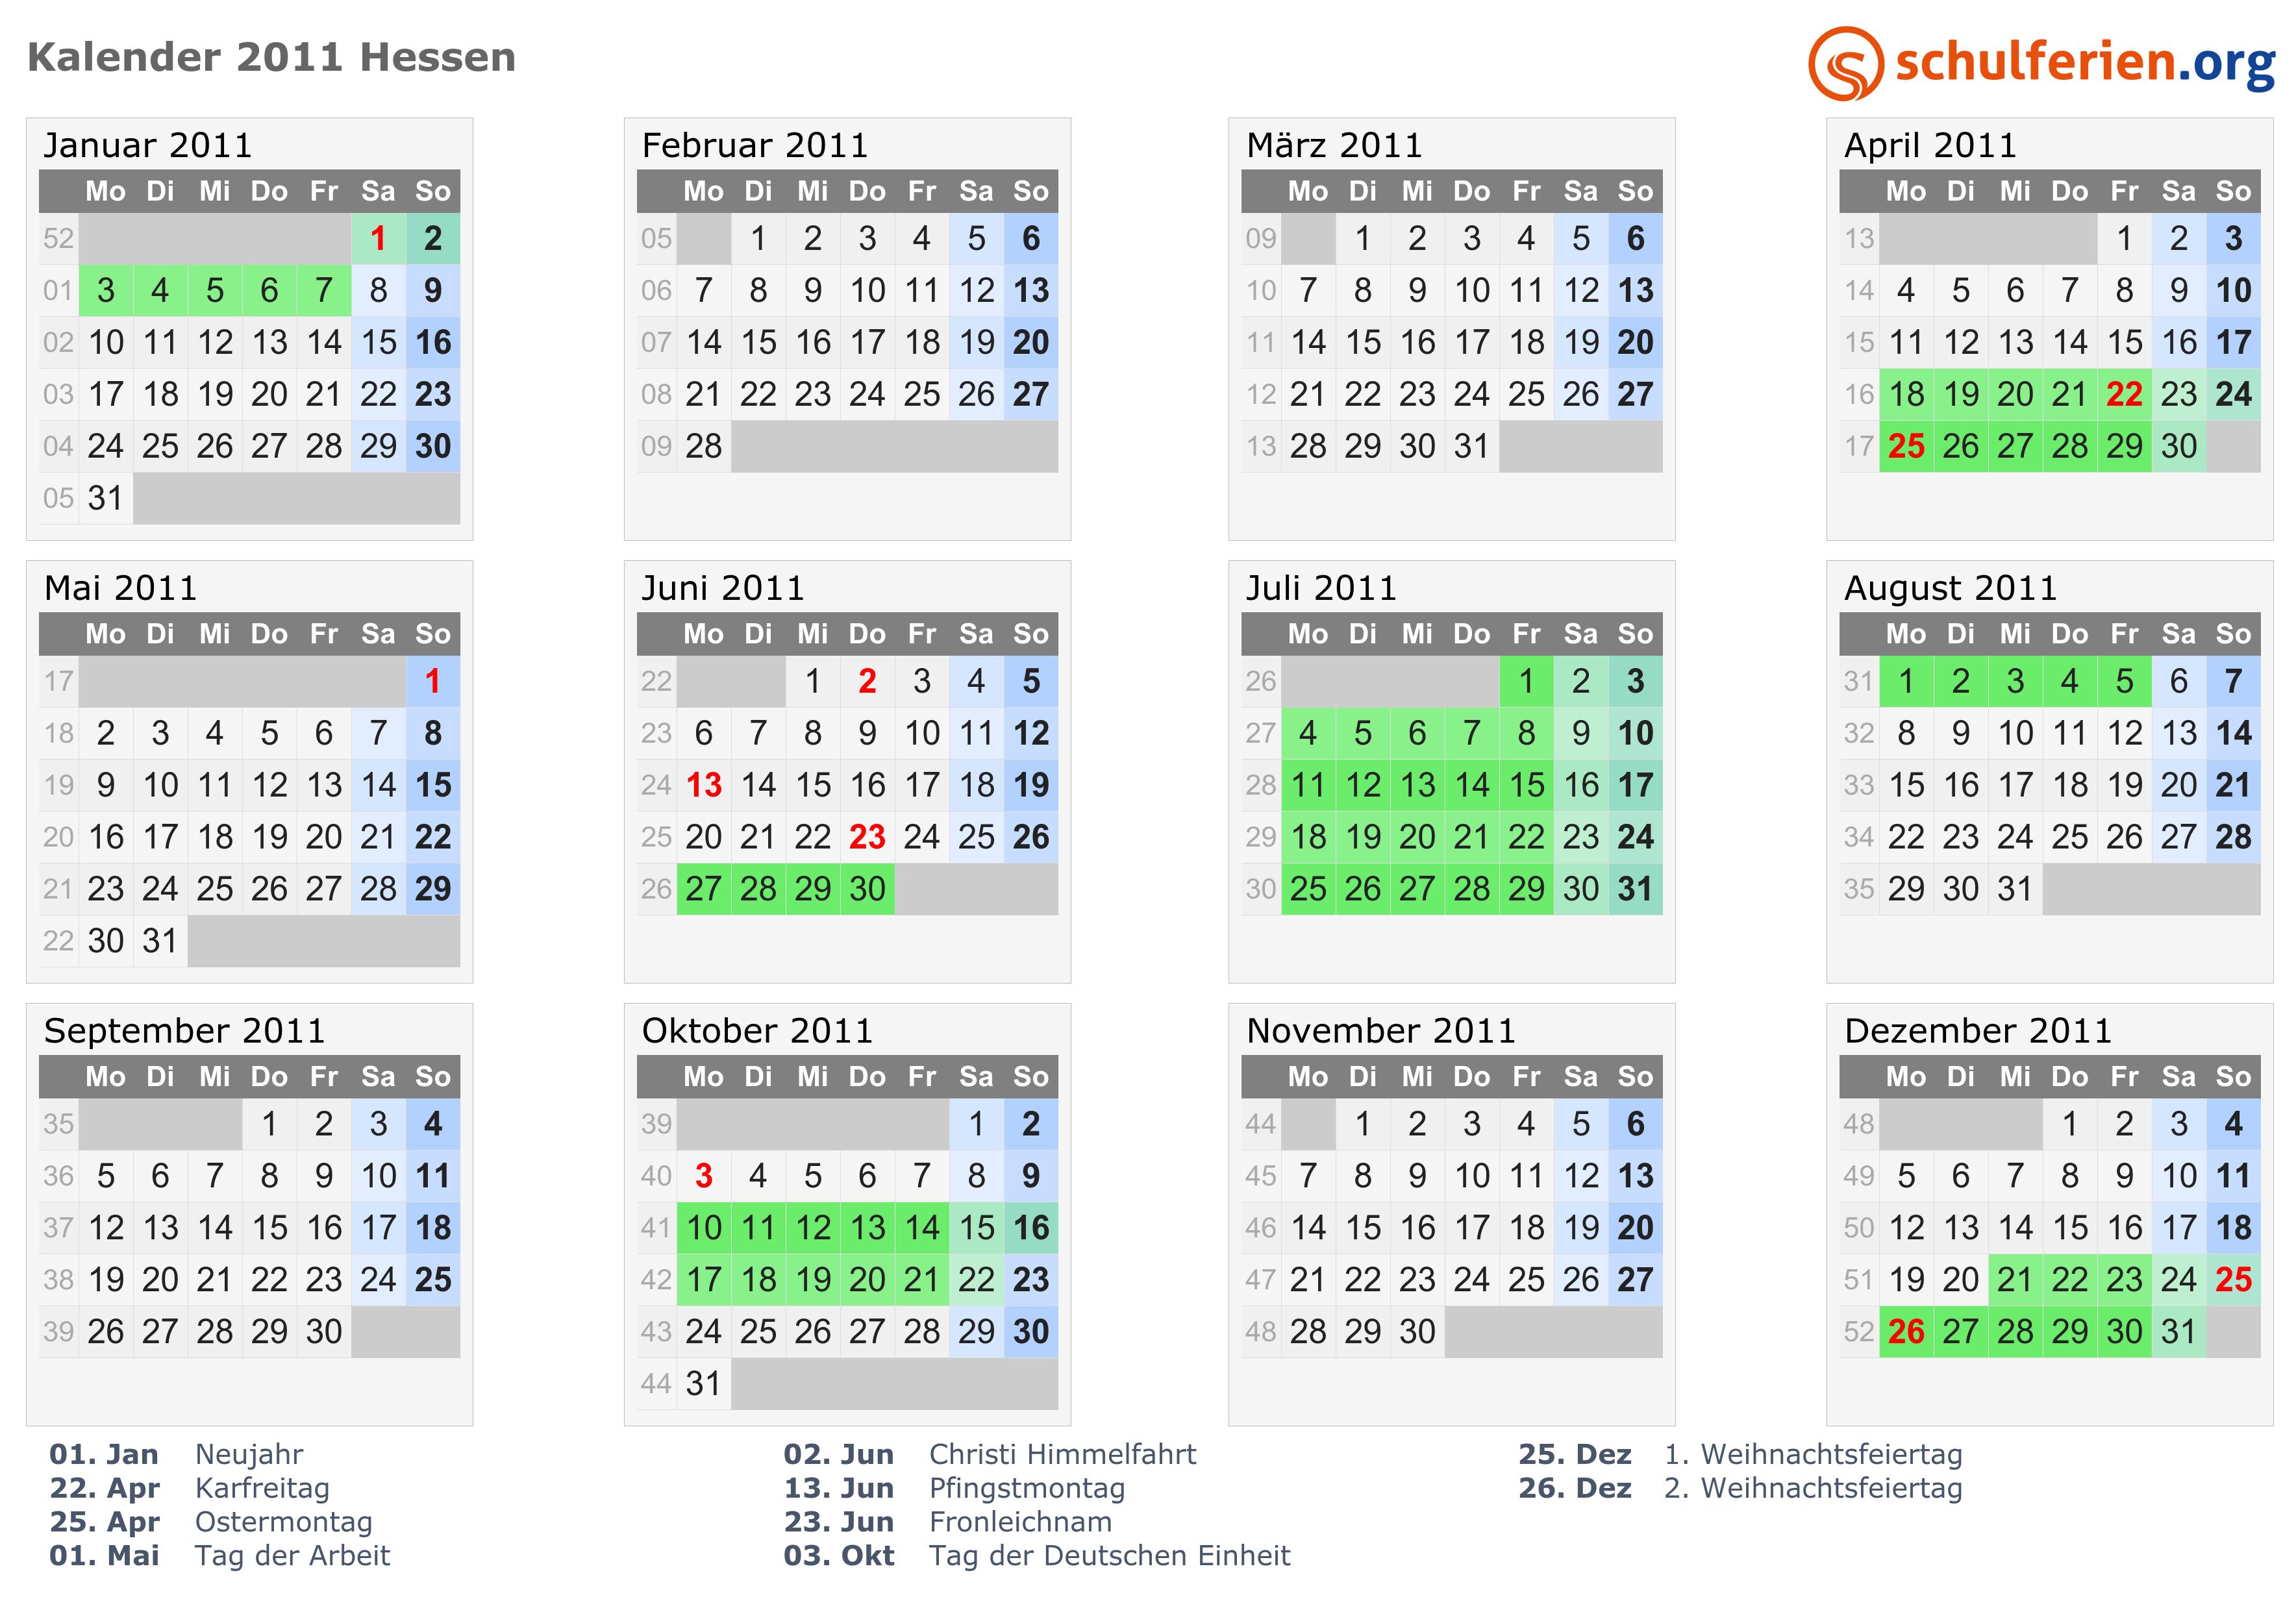 Kalender 2011 Ferien Hessen Feiertage